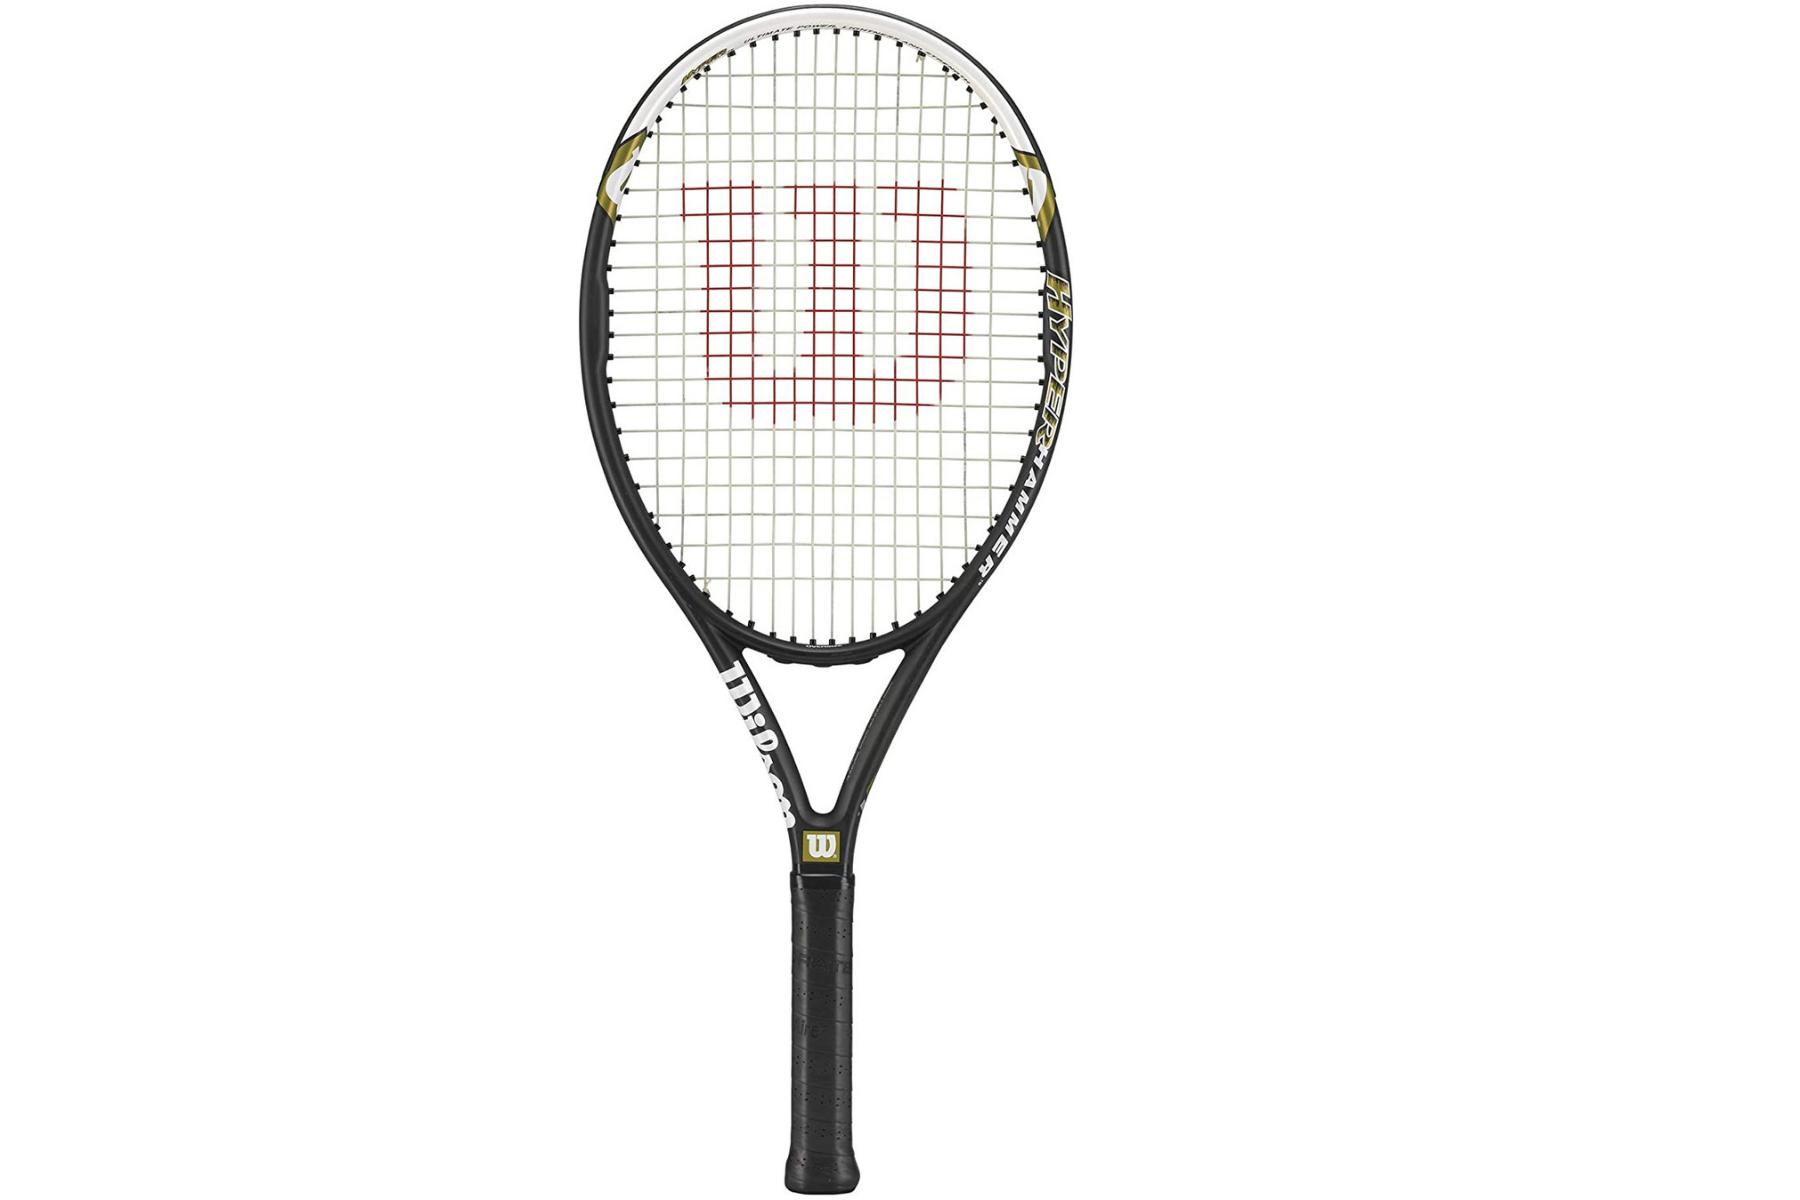 Wilson-Hyper-Hammer-Adult-Recreational-Tennis-racket